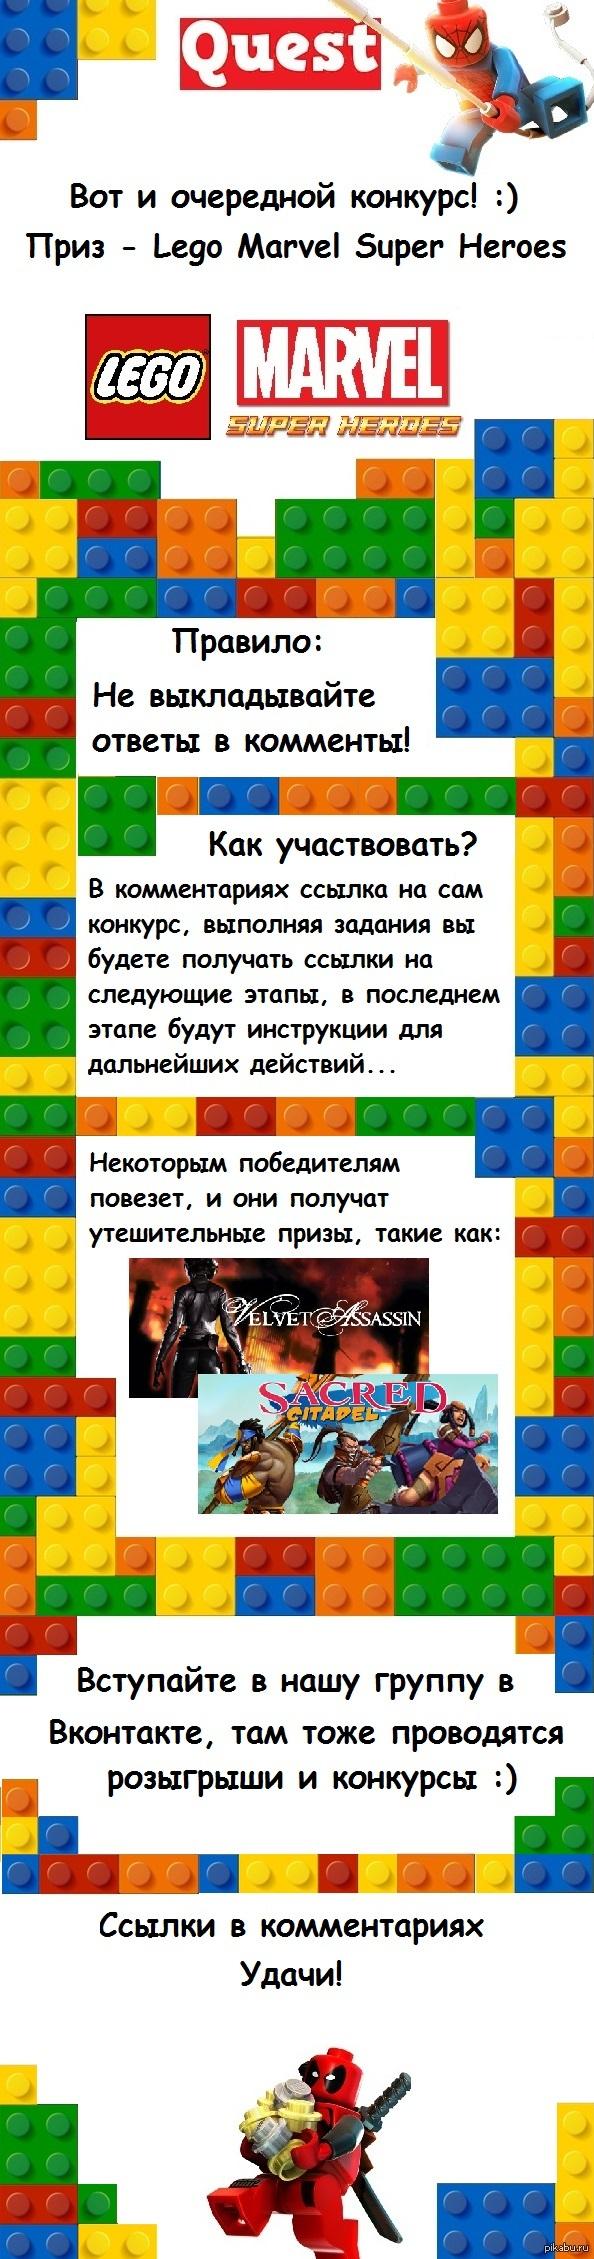 Еженедельный конкурс! http://yadi.sk/d/audJXeC1Mpce3 - ссылка на конкурс